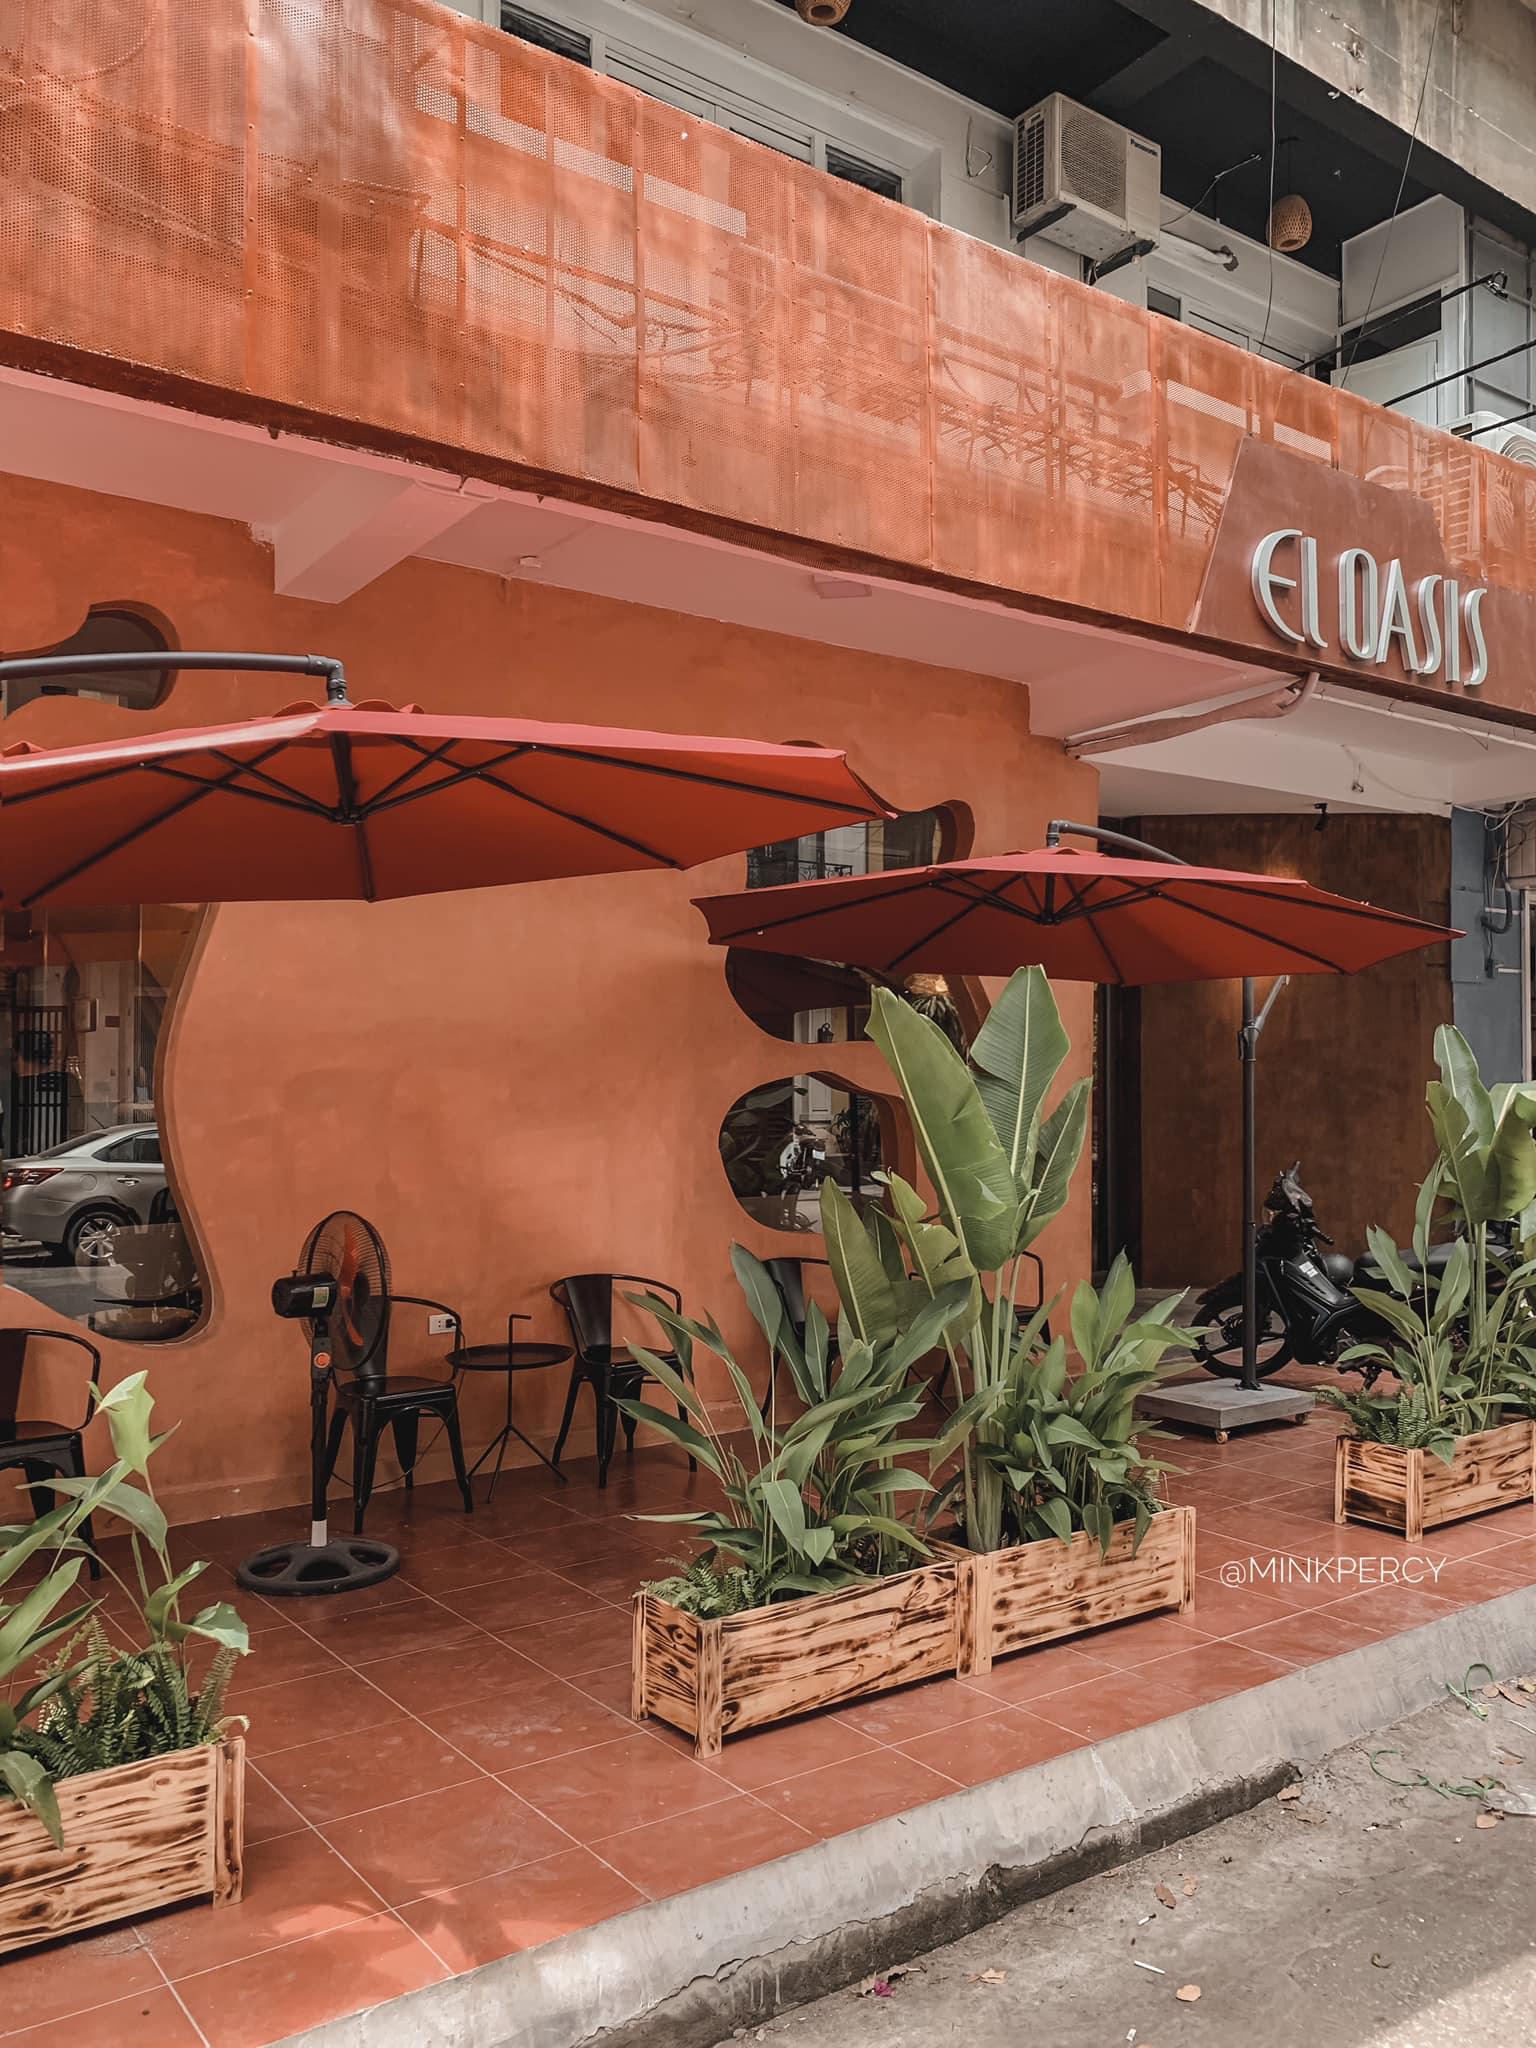 Cùng nhâm nhi thức uống ngon lành trong không gian khác biệt của El Oasis